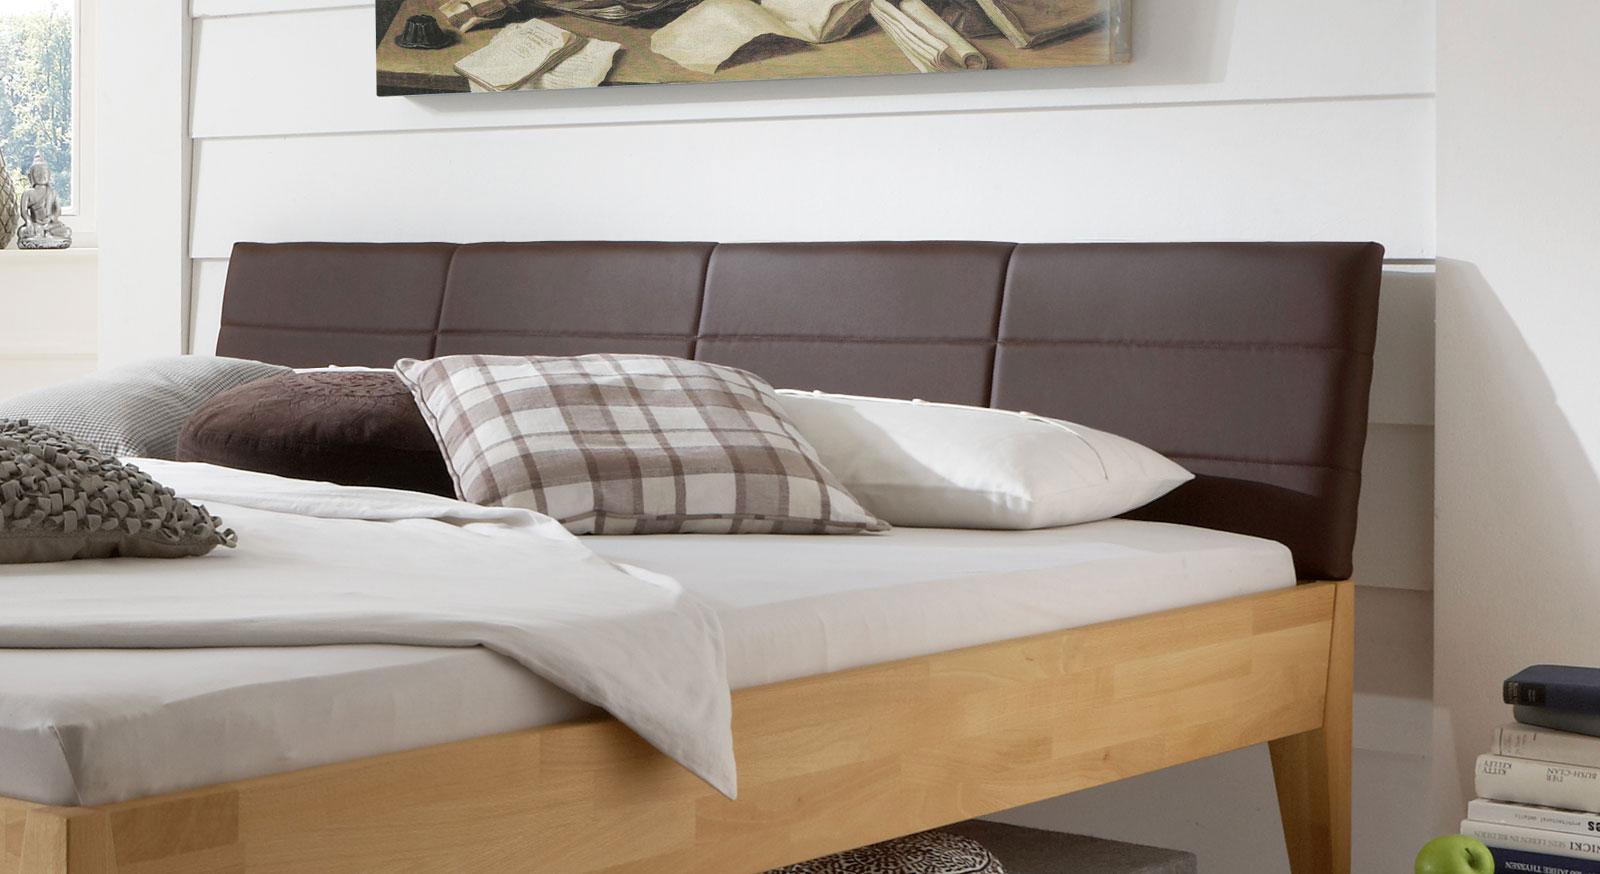 Kopfteil Für Betten holzbett aus massiver buche in z b 160x200 cm leonardo